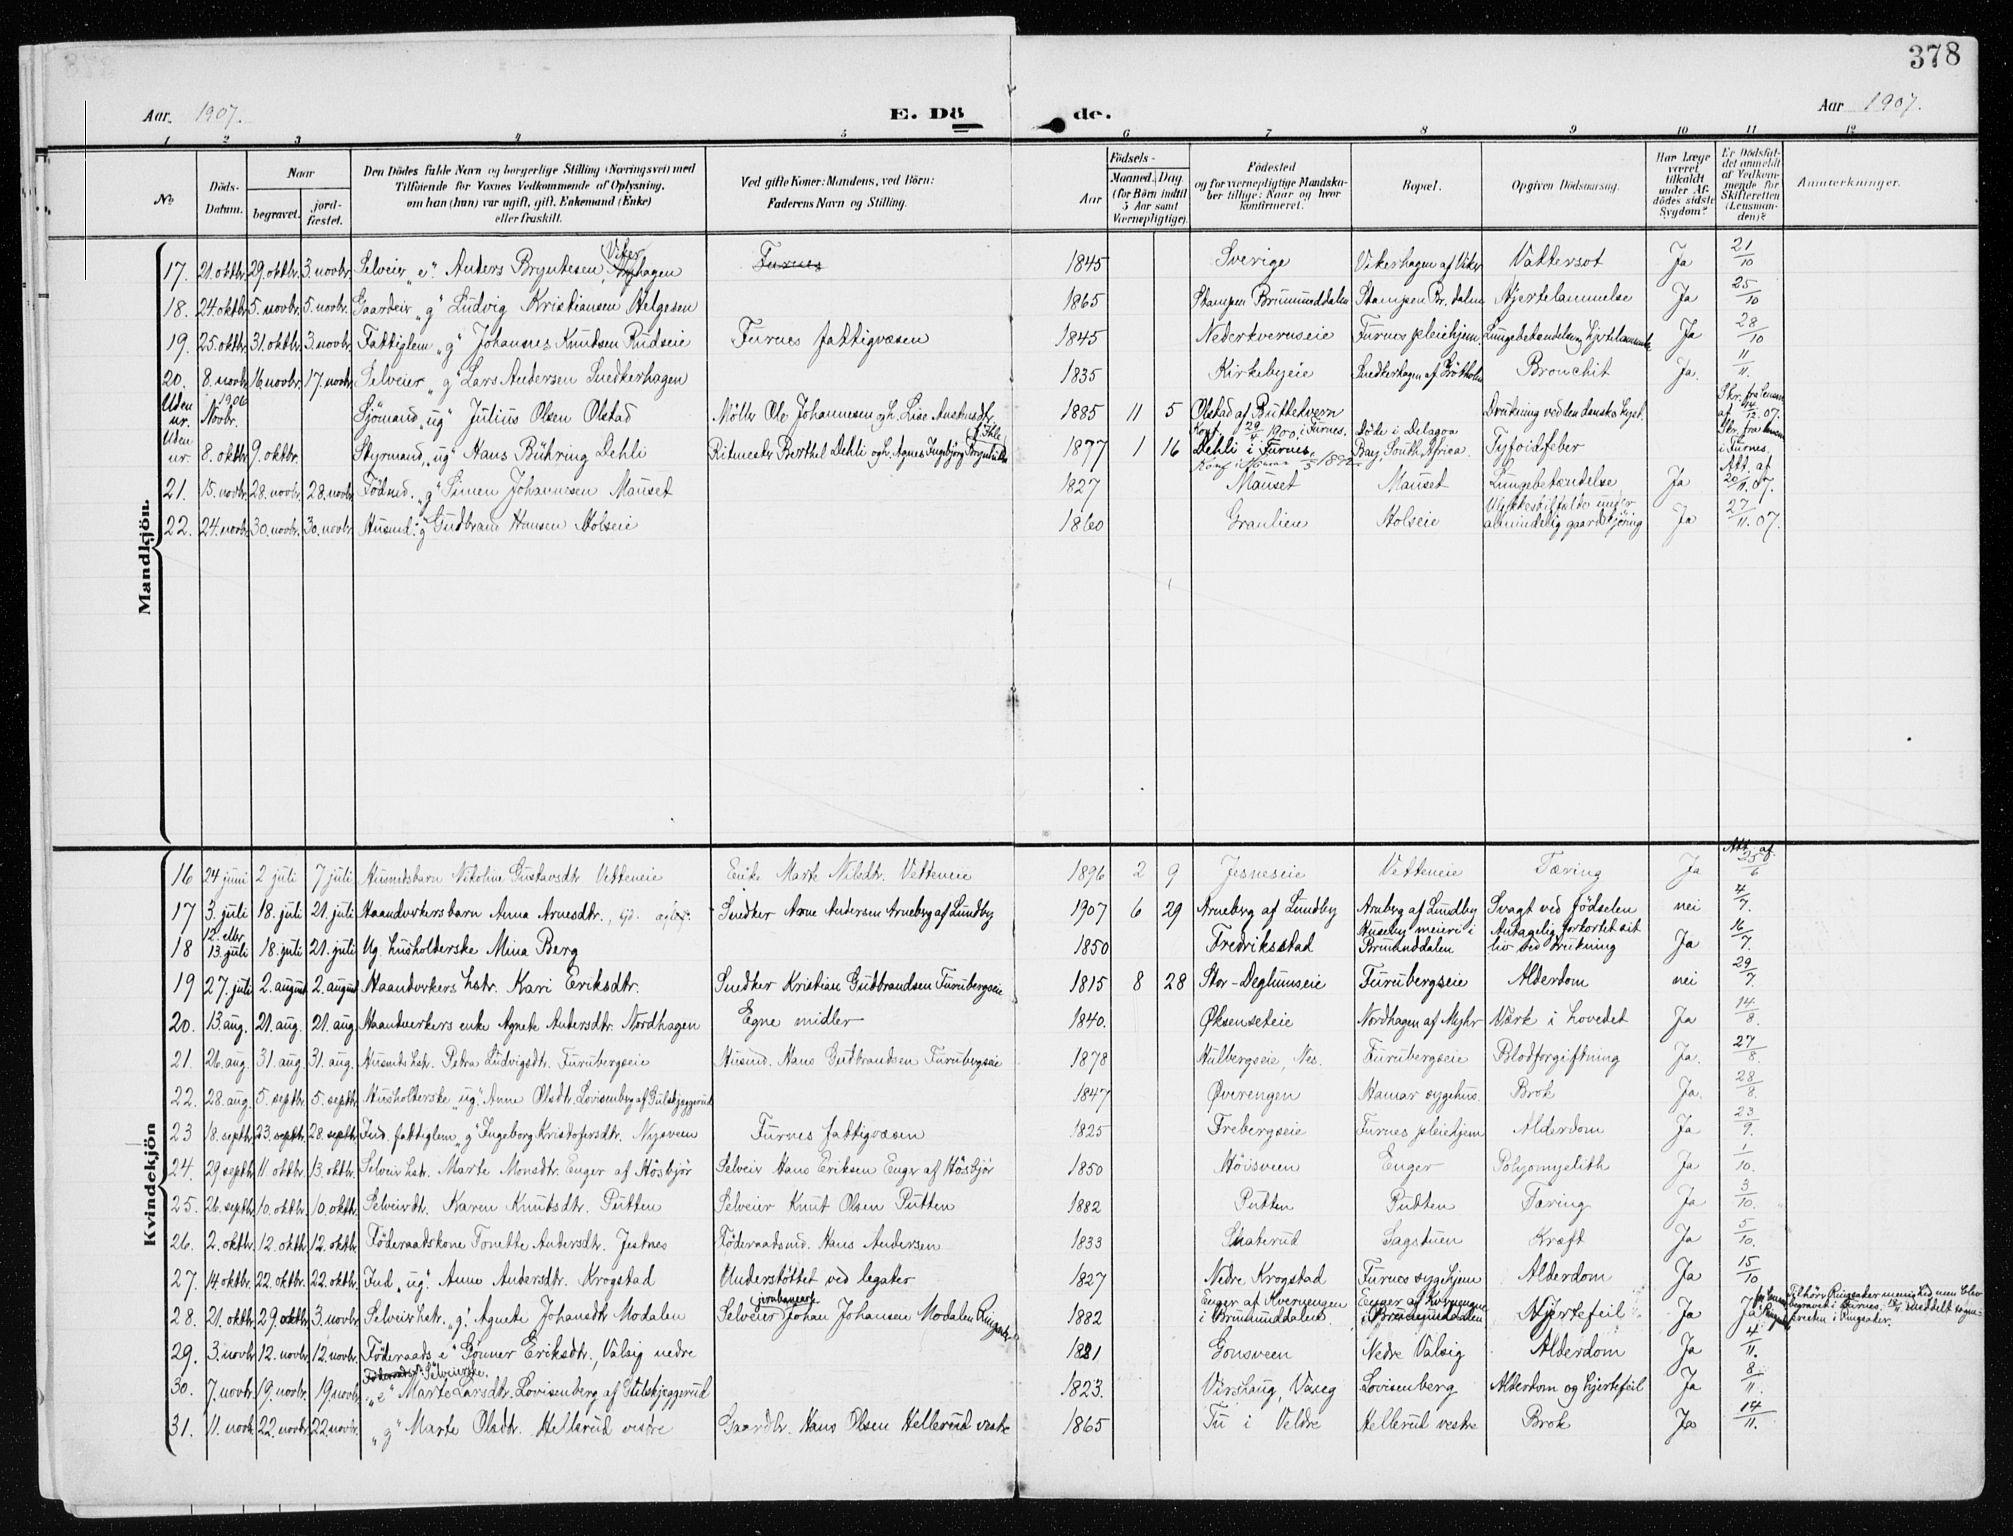 SAH, Furnes sokneprestkontor, K/Ka/L0001: Ministerialbok nr. 1, 1907-1935, s. 378